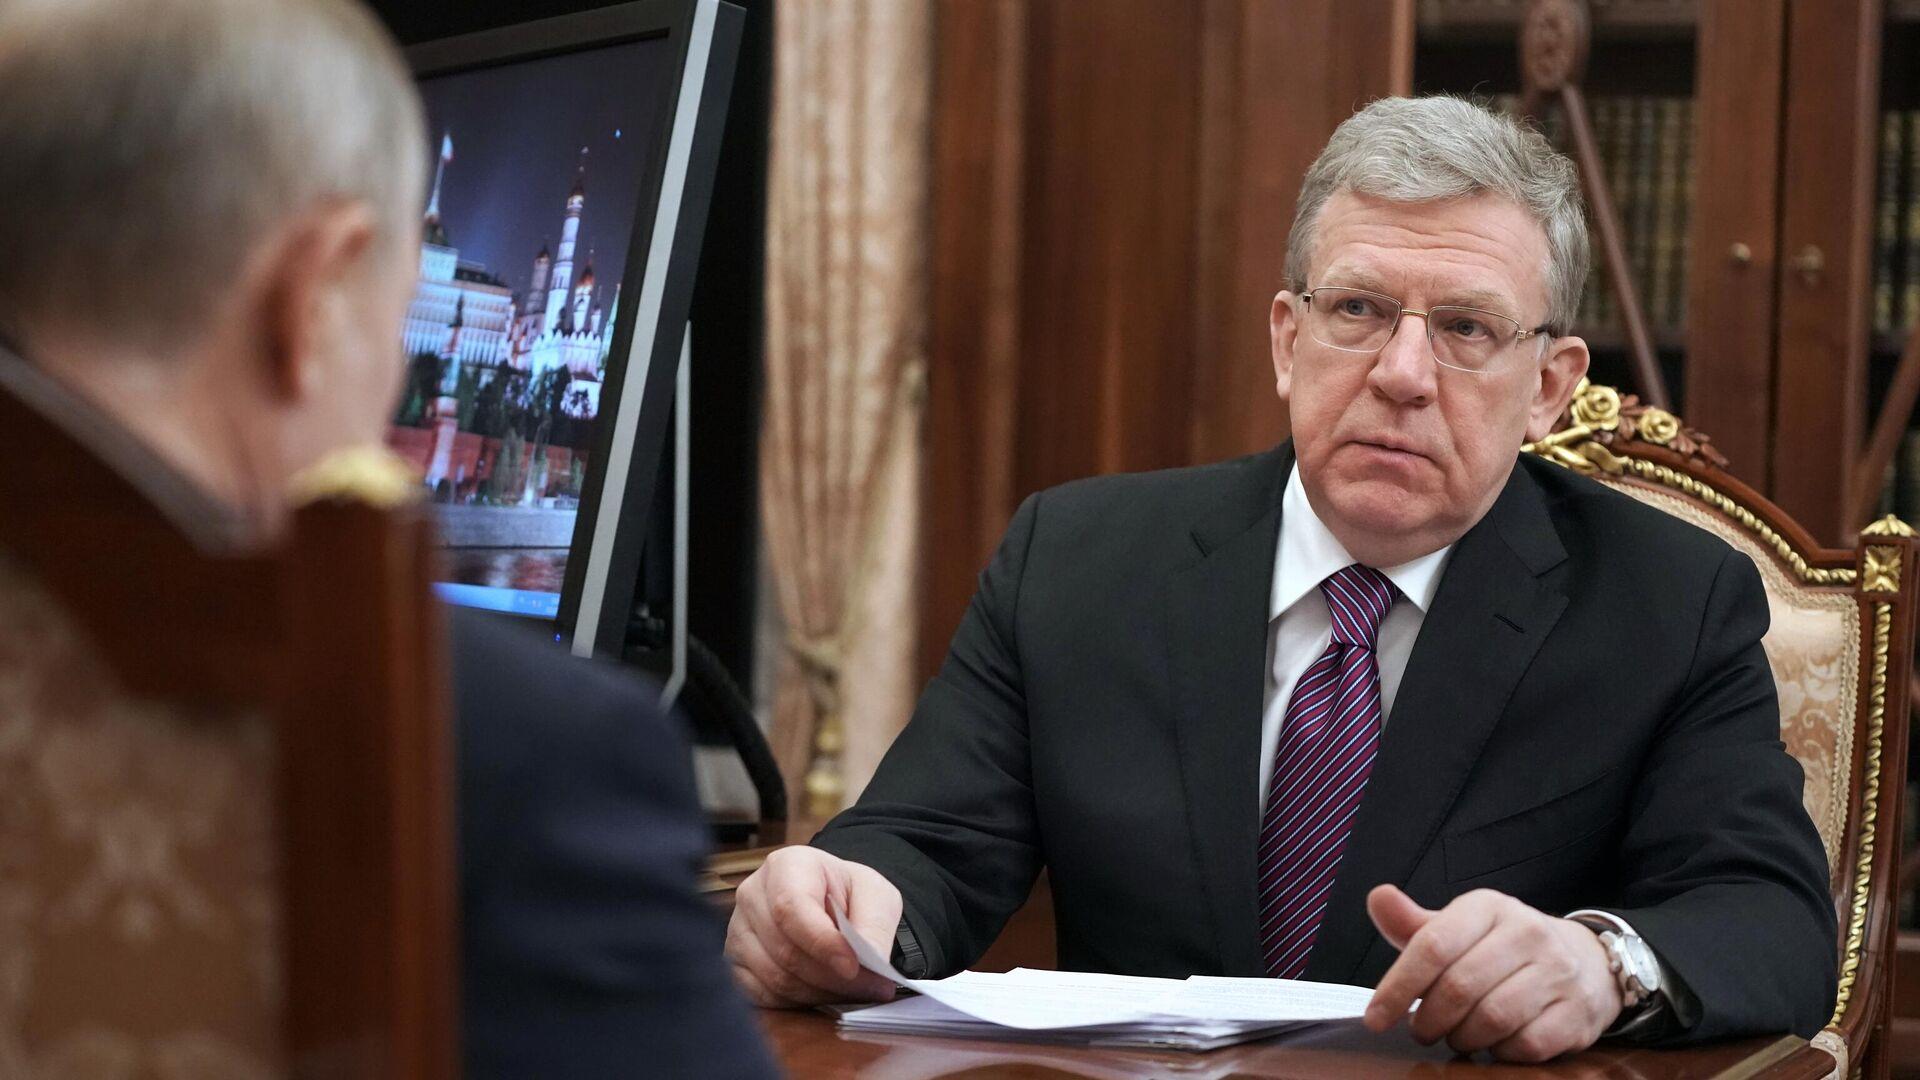 Кудрин заявил о снижении финансовой самостоятельности регионов